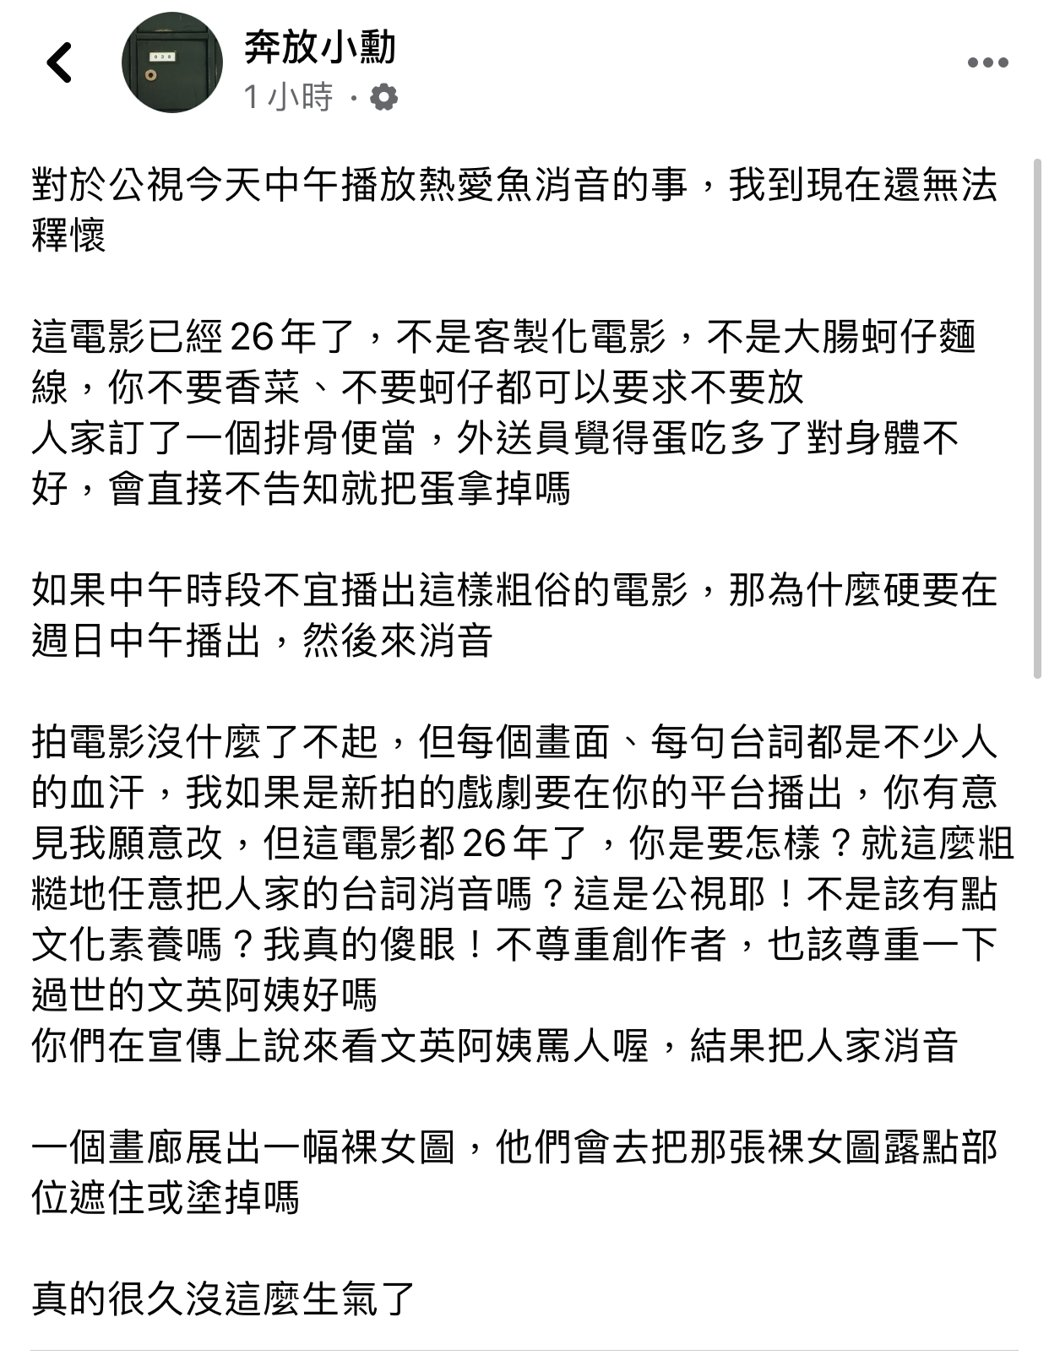 陳玉勳發文質疑公視消音「熱帶魚」。圖/摘自臉書